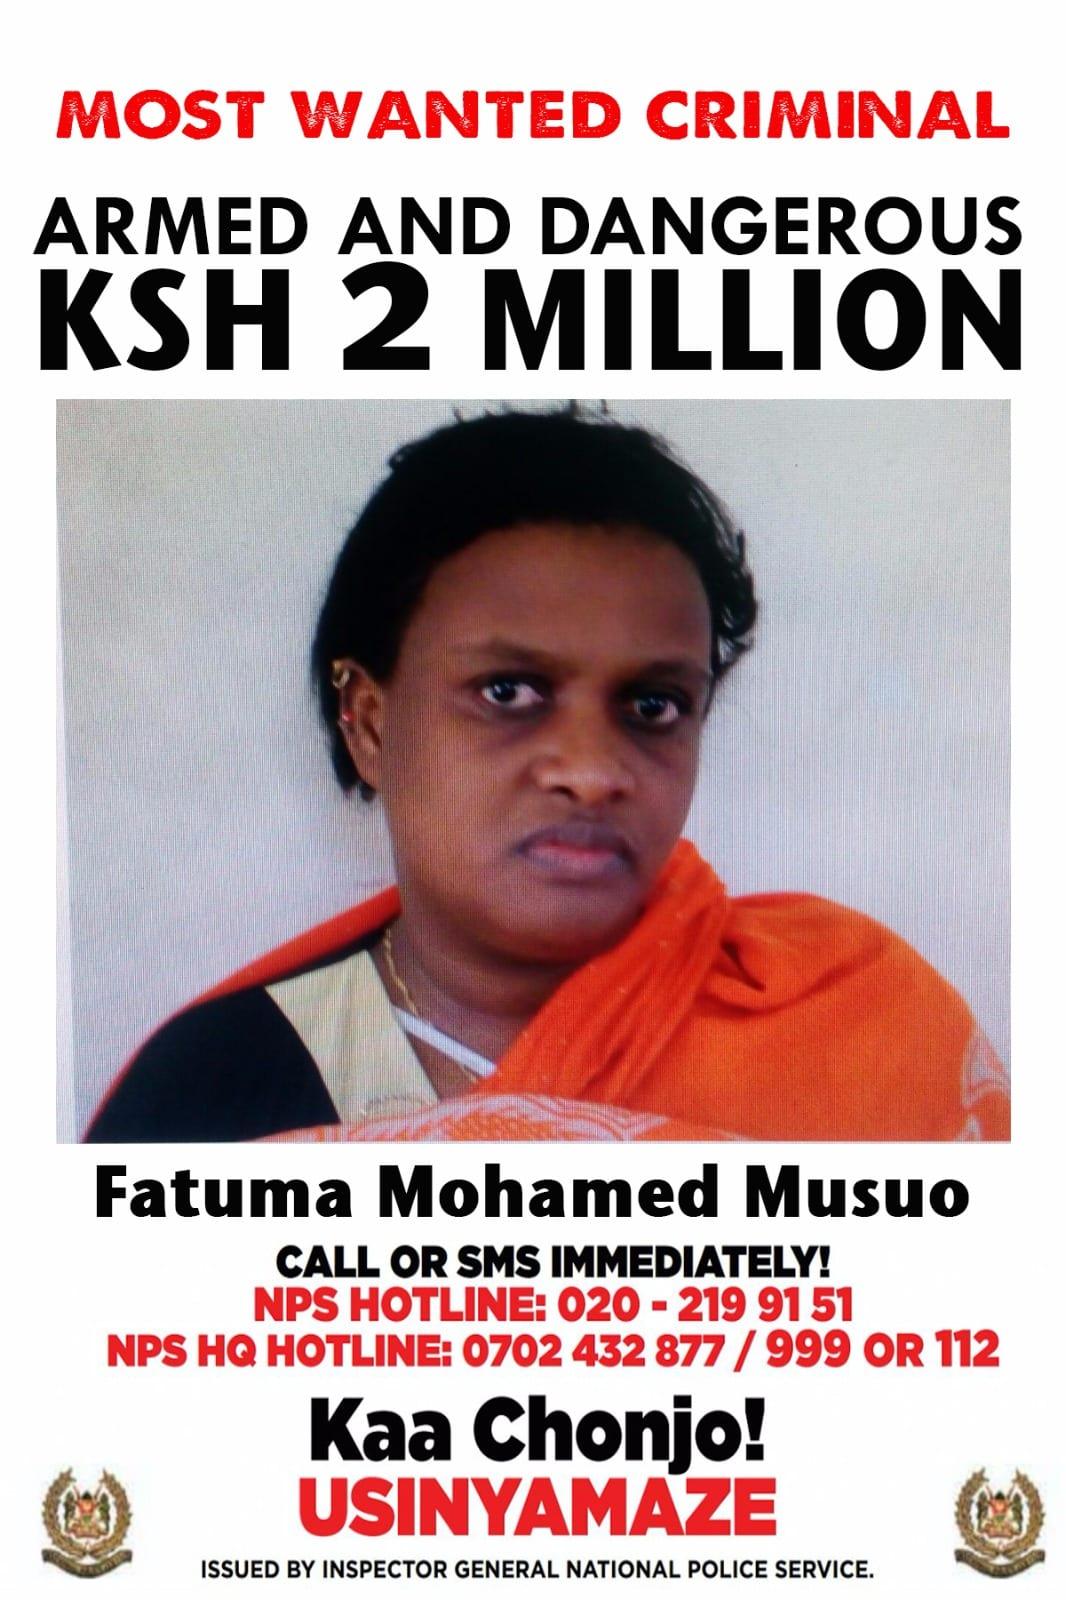 Ksh 2M bounty for slain terror suspect widow